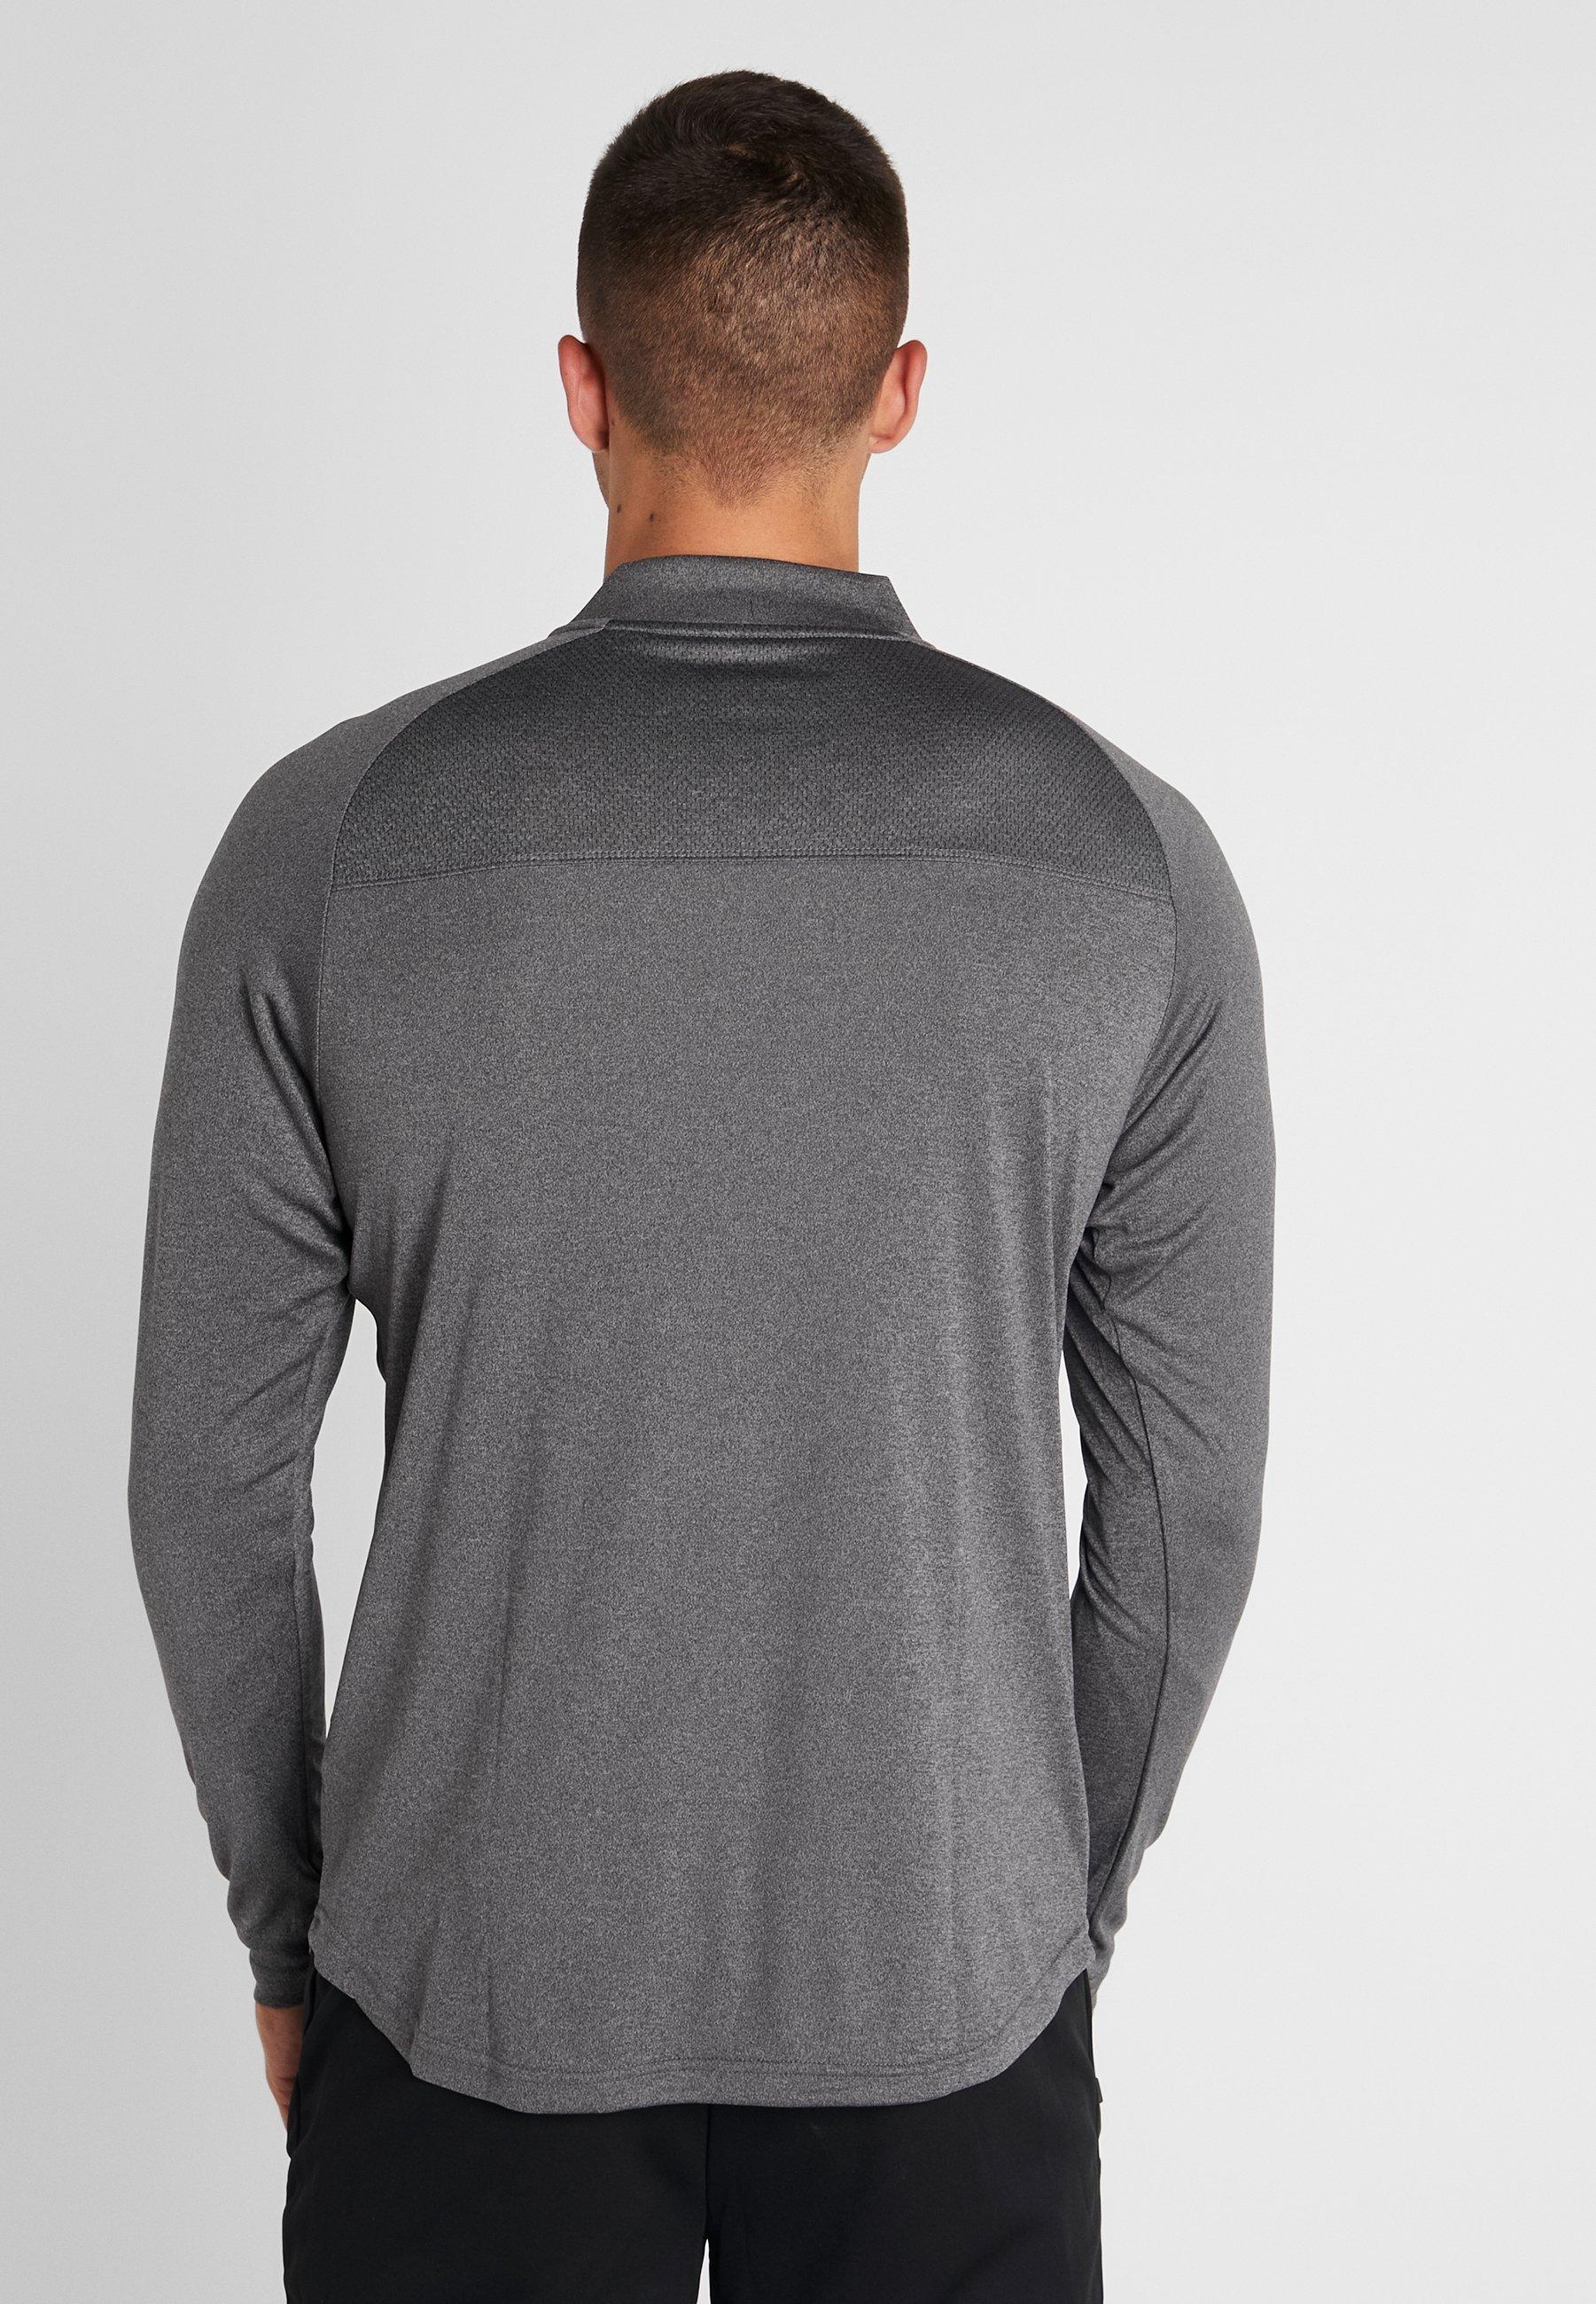 Ellesse À Manches JanetiT shirt Longues Black shCdrtxQ